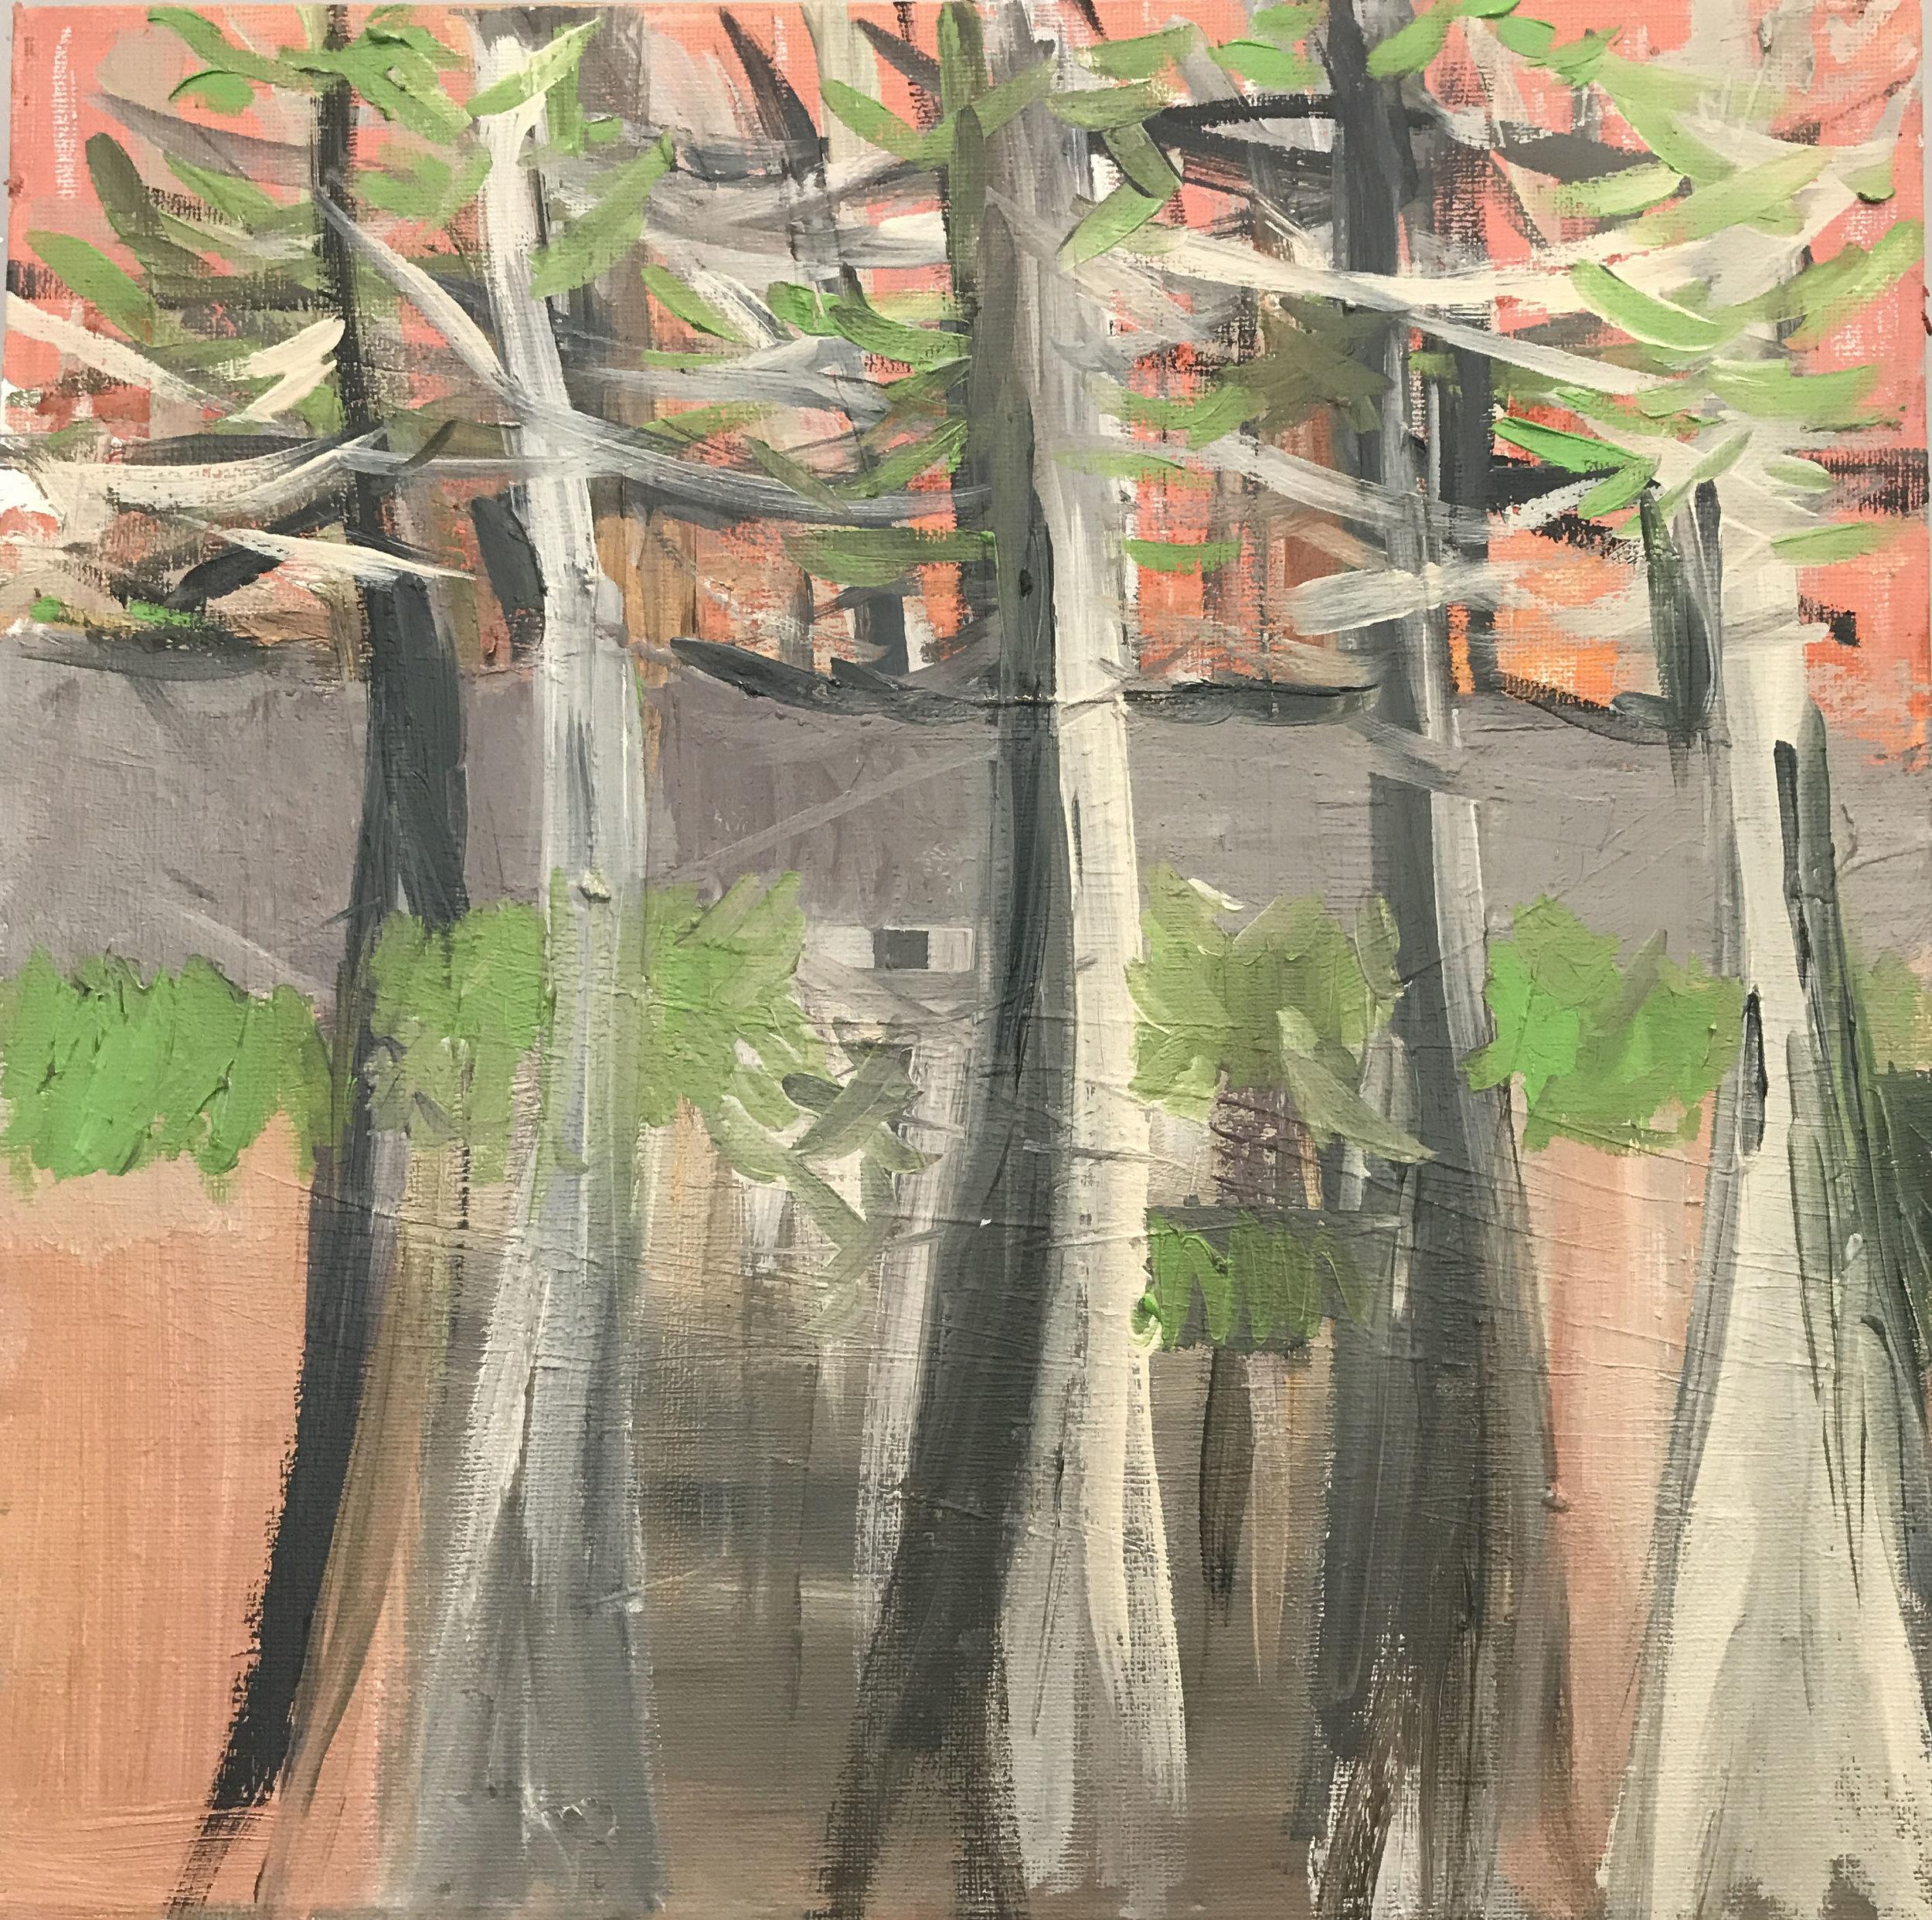 Tree_Series_1.jpg